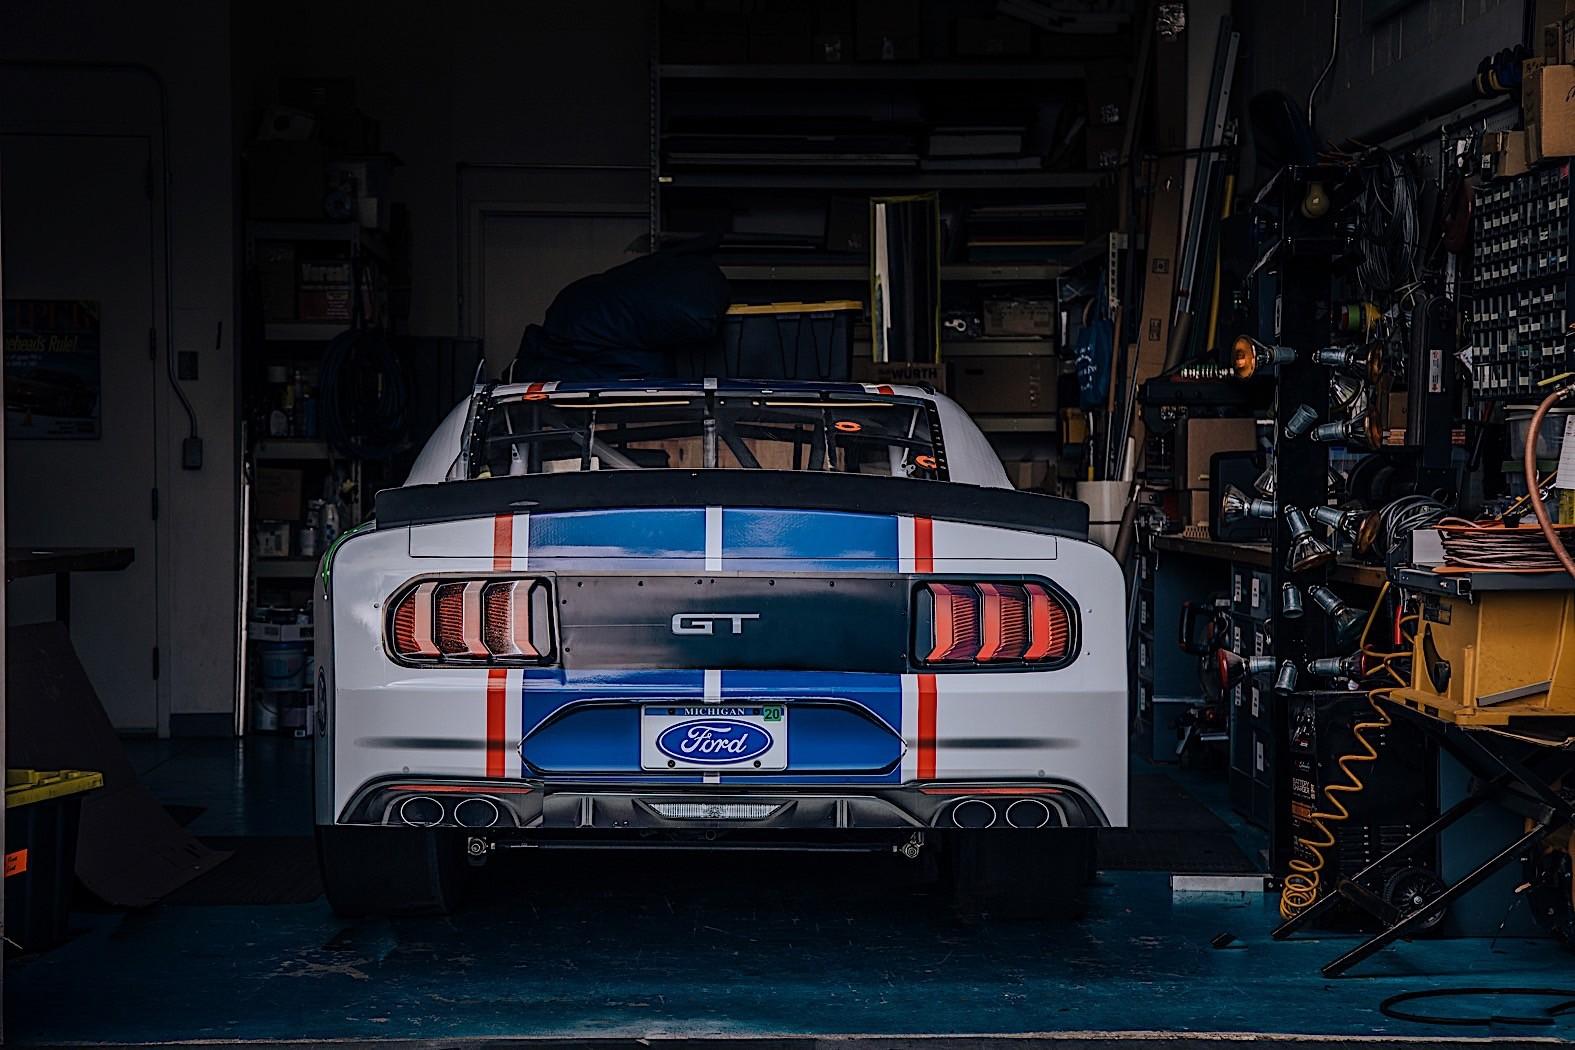 Nascar Next Gen Mustang